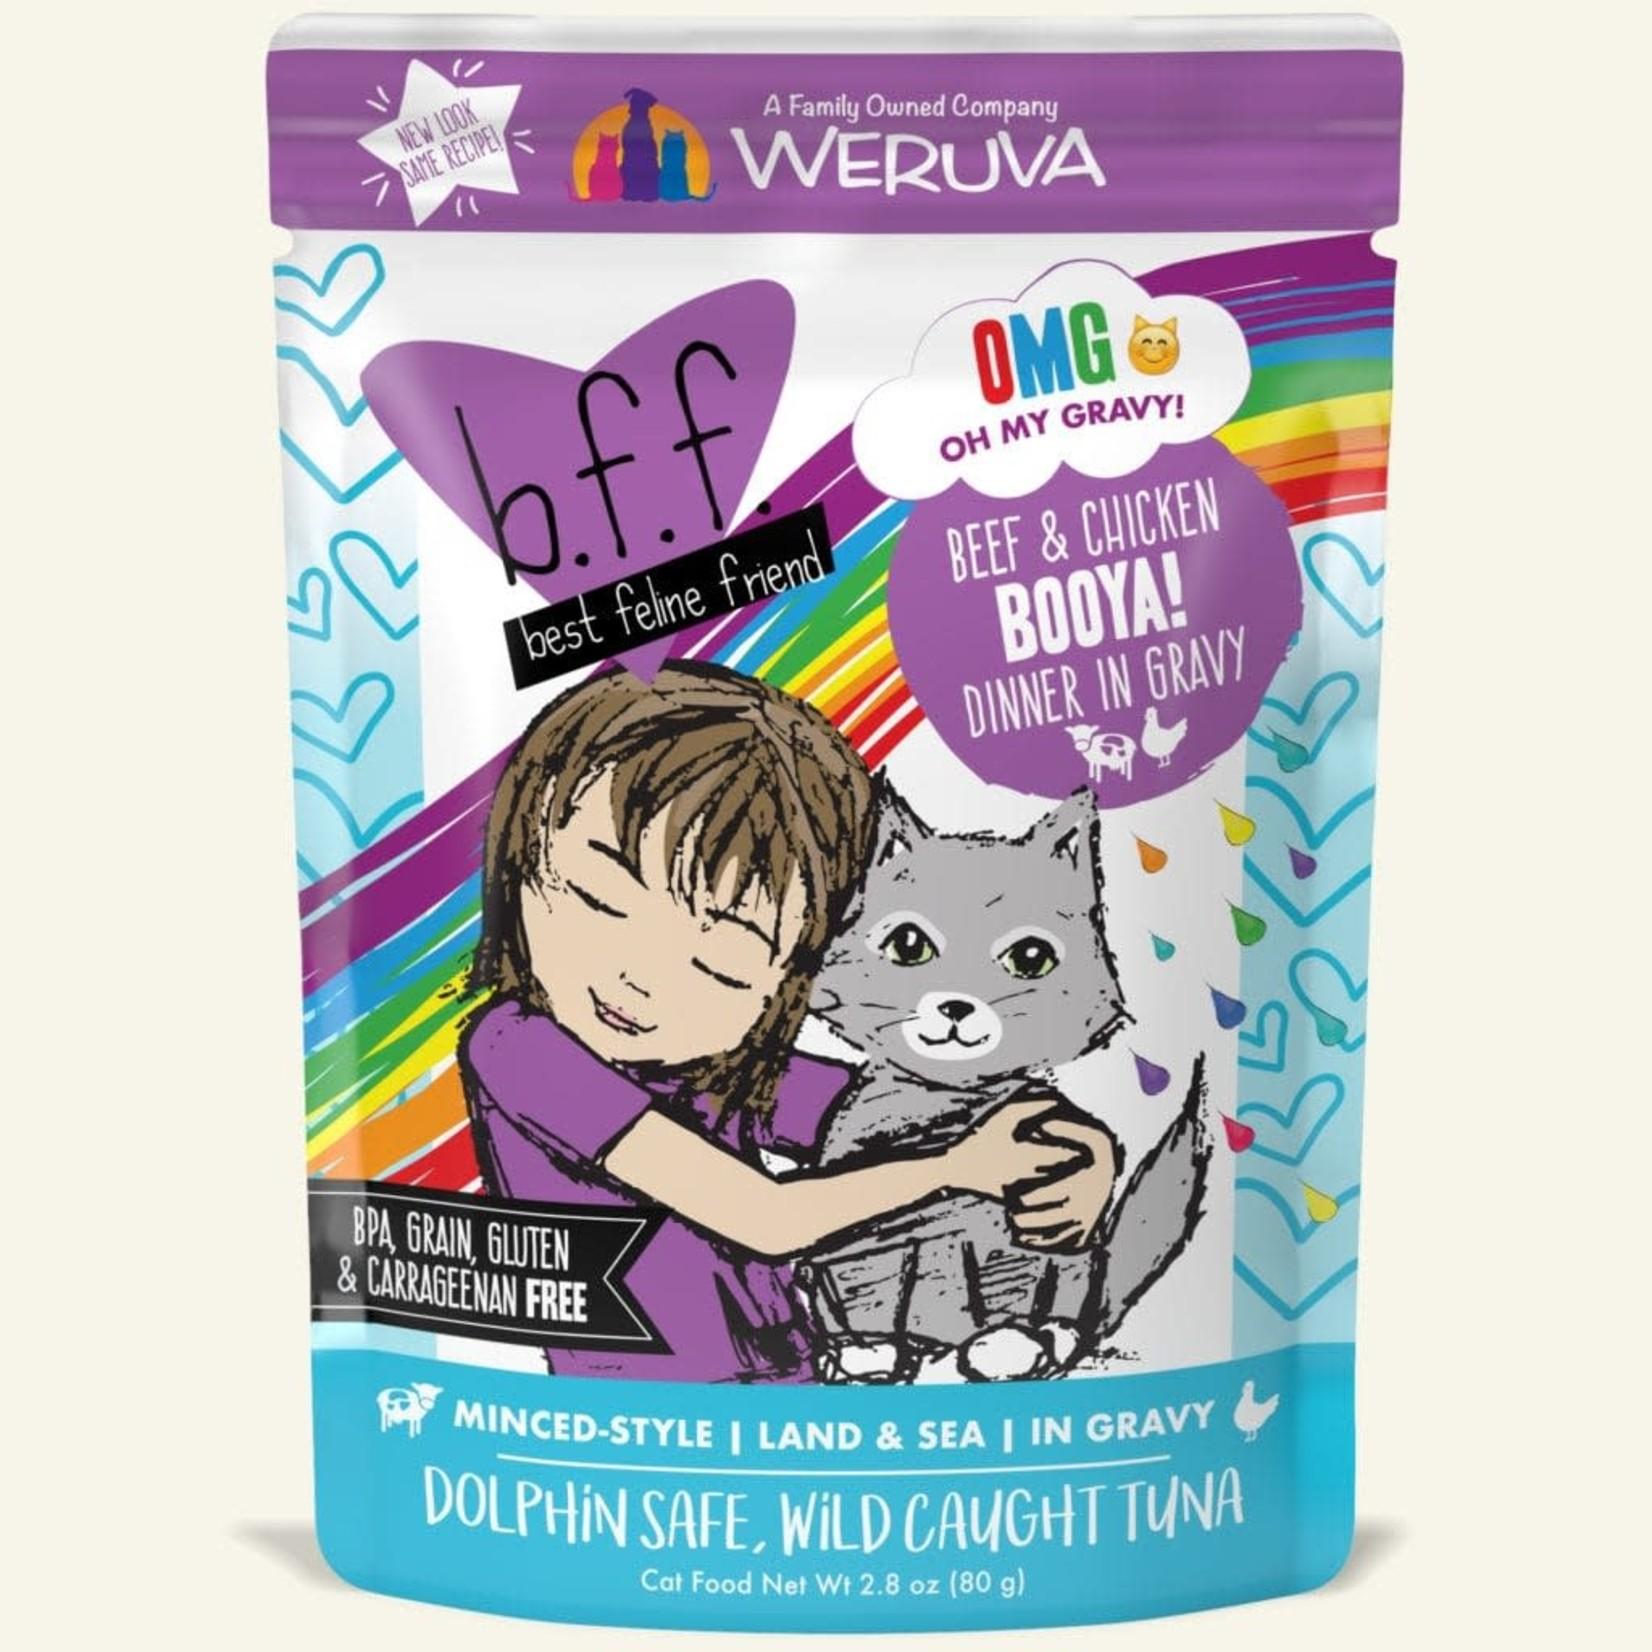 Weruva Inc. BFF OMG Cat Beef & Chicken Booya 2.8 OZ Pouch